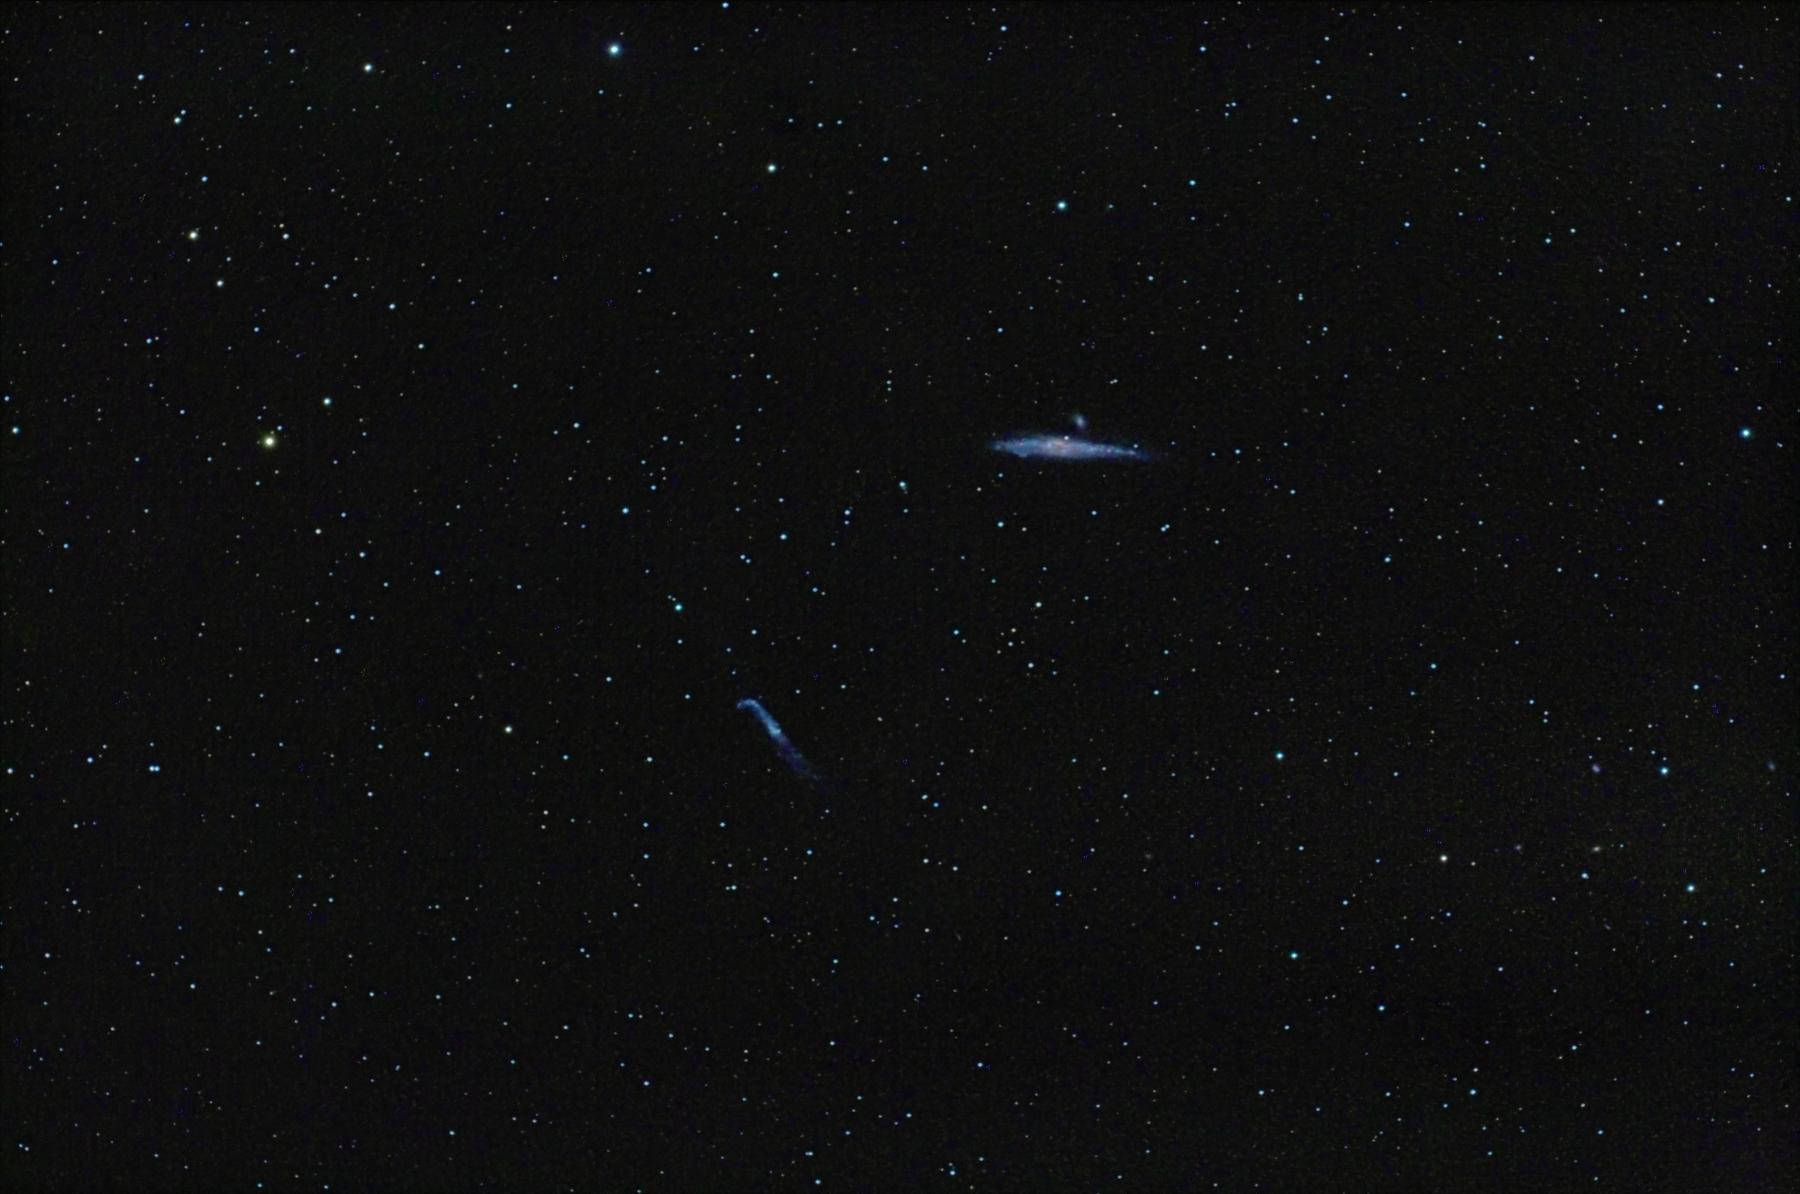 Galàxia de la balena NGC 4631 i NGC 4656